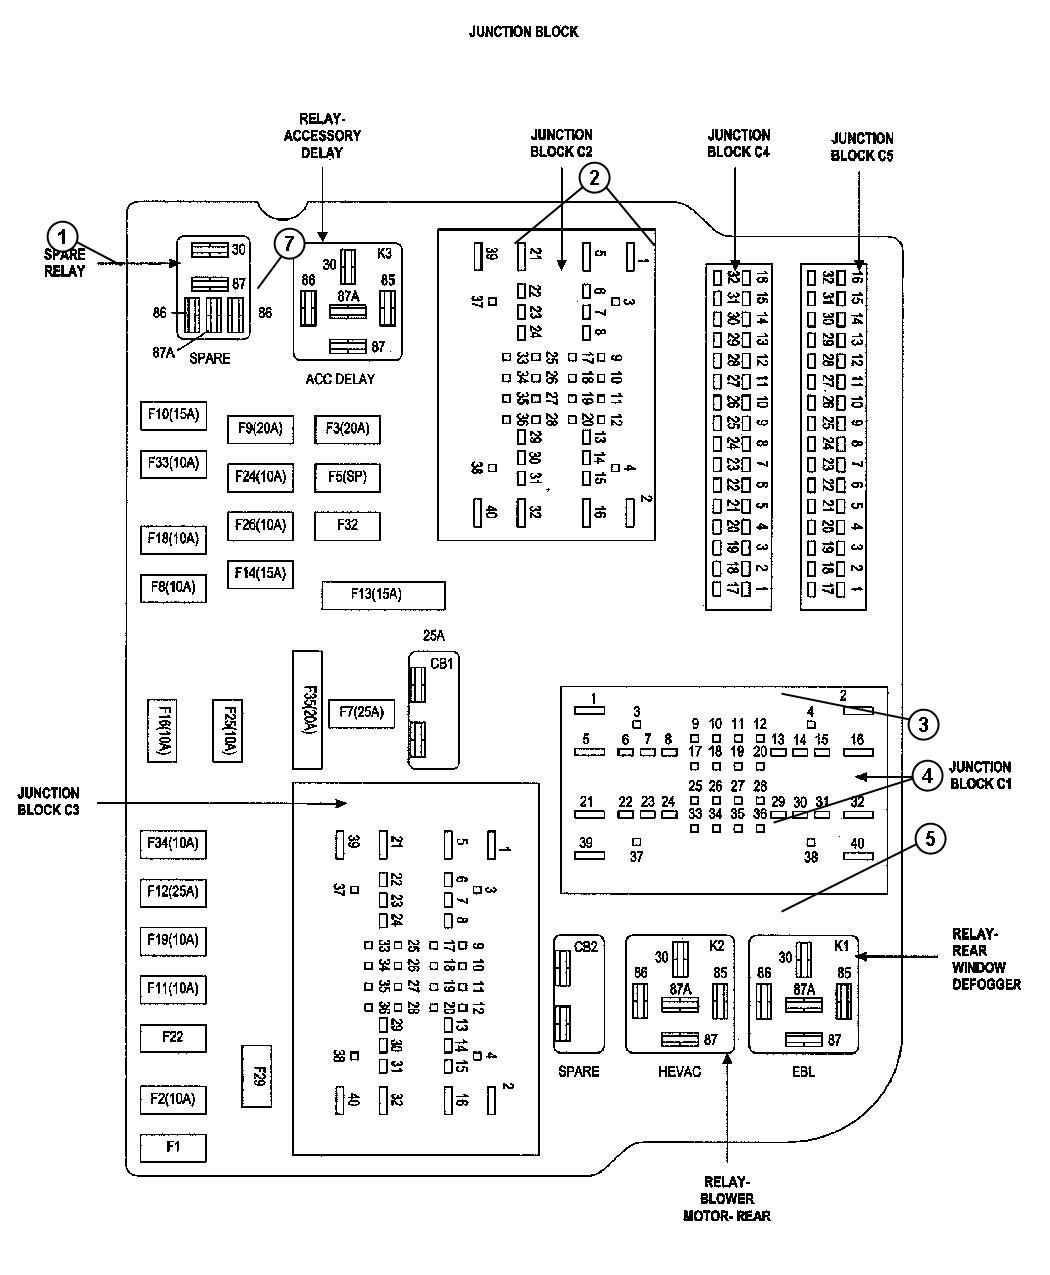 RG_4867] 2007 Chrysler Aspen Fuse Box Diagram Wiring DiagramAstic Anist Xolia Mohammedshrine Librar Wiring 101